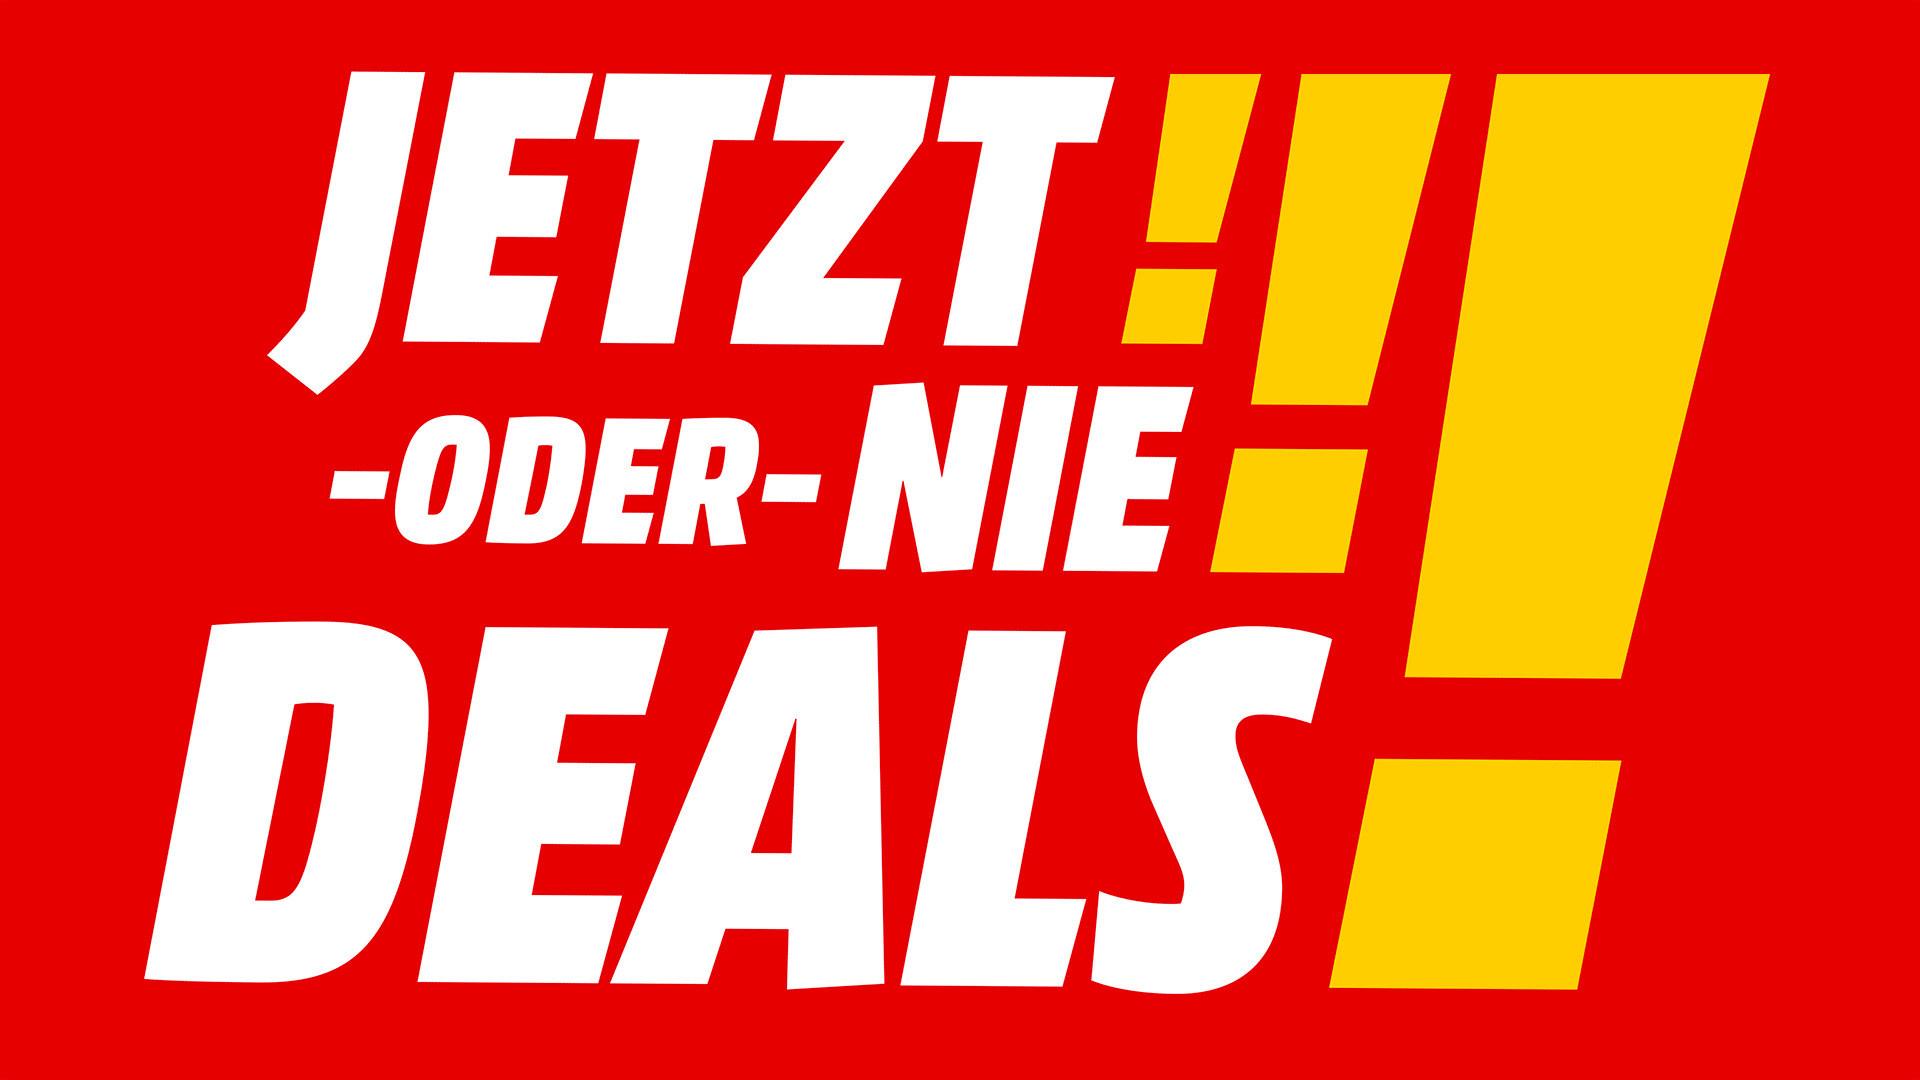 Schnäppchen, Sonderangebote, Rabattaktion, sale, Deals, Media Markt, Angebote, prospekt, Mediamarkt